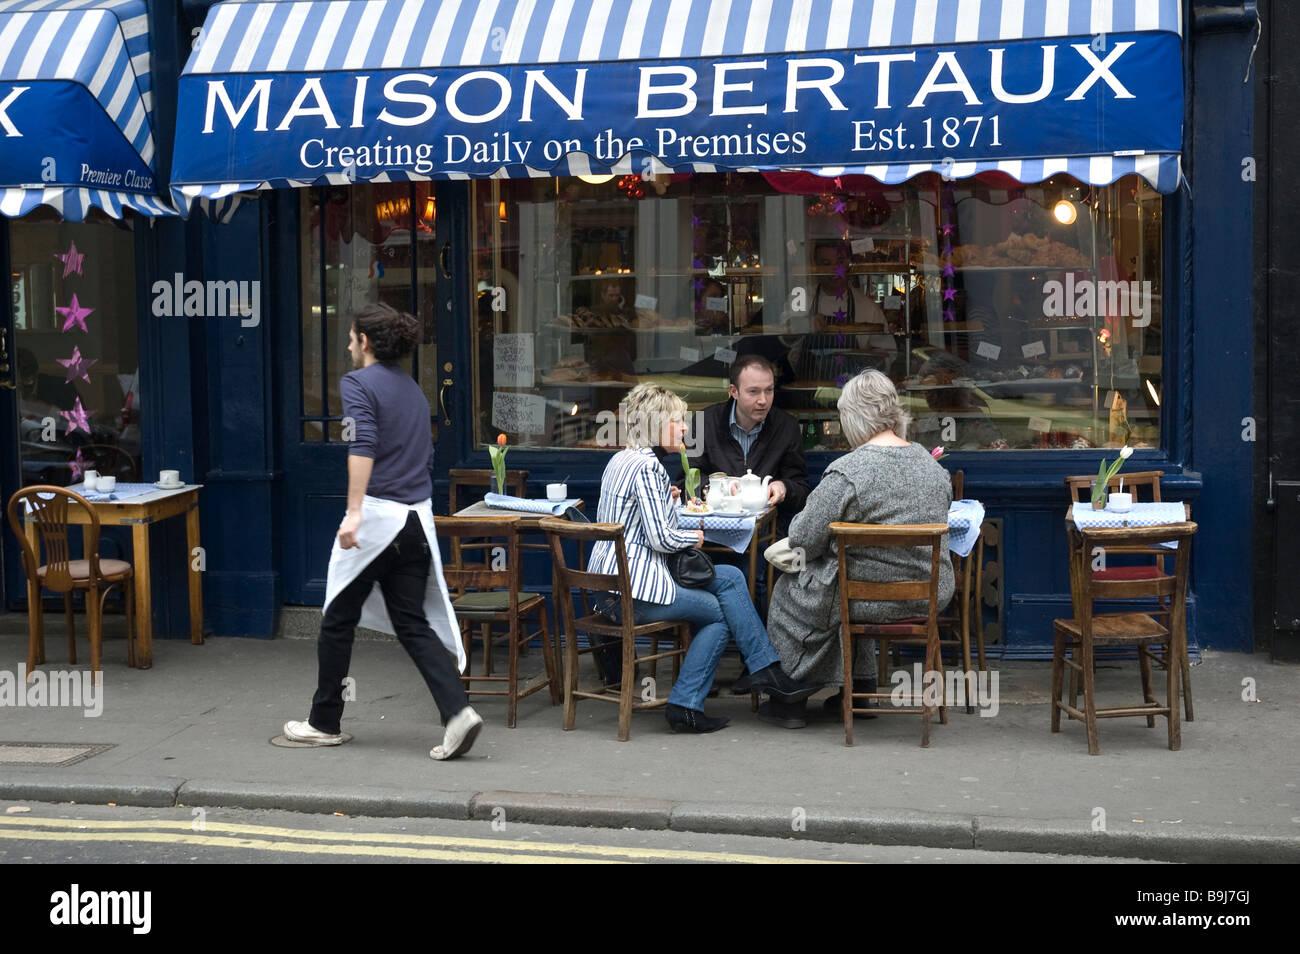 Un groupe d'amis à dîner à la MAISON BERTAUX- POPULAIRE RESTAURANT LONDRES SOHO Banque D'Images